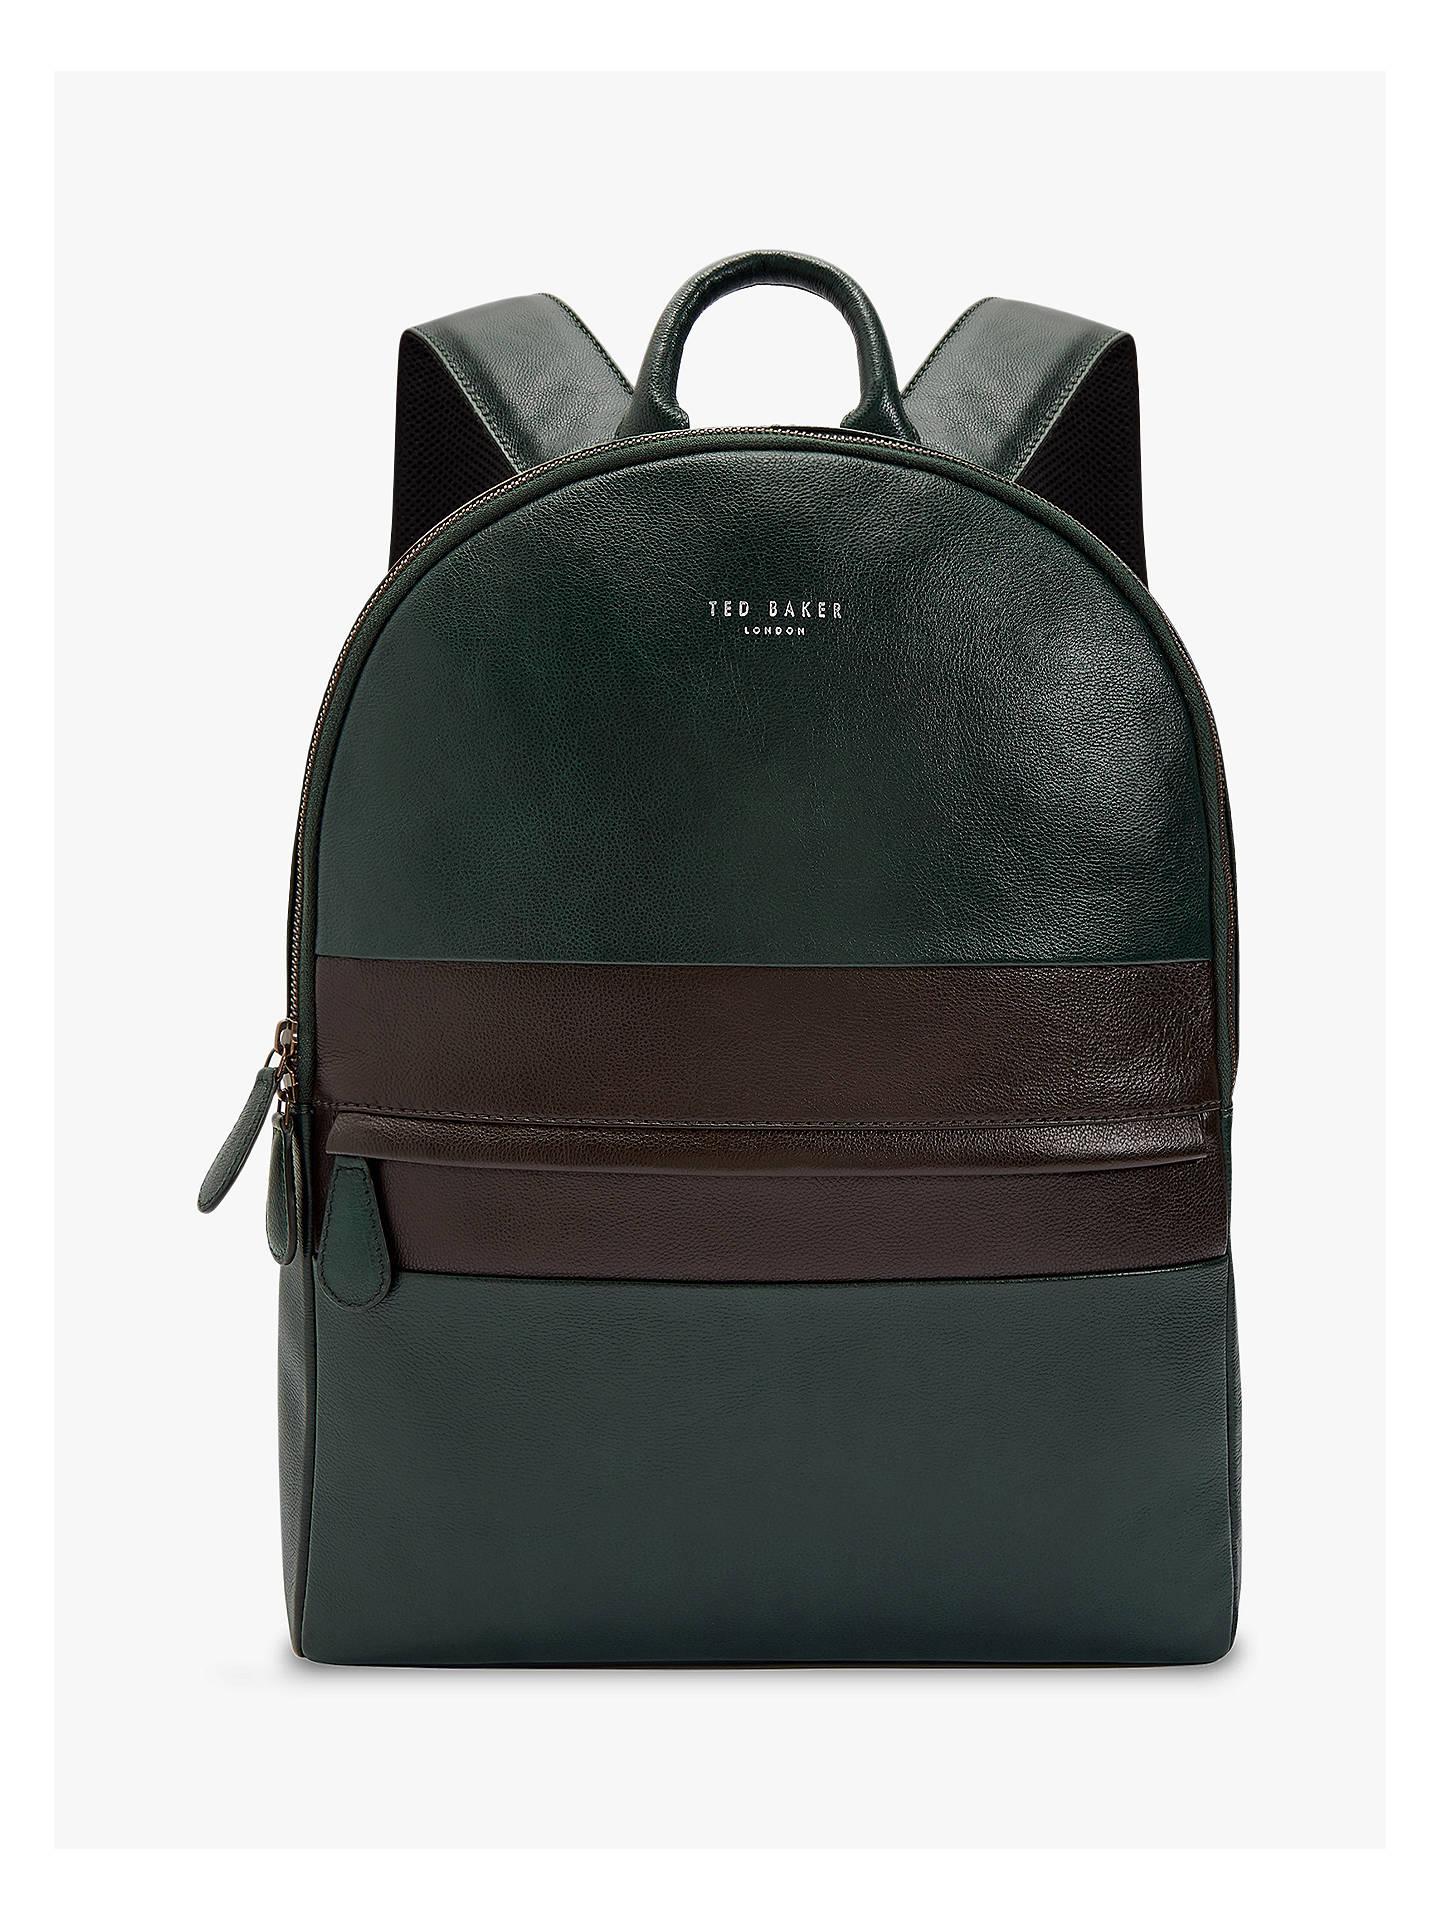 368cf4d979e82 Buy Ted Baker Vivaldi Leather Backpack